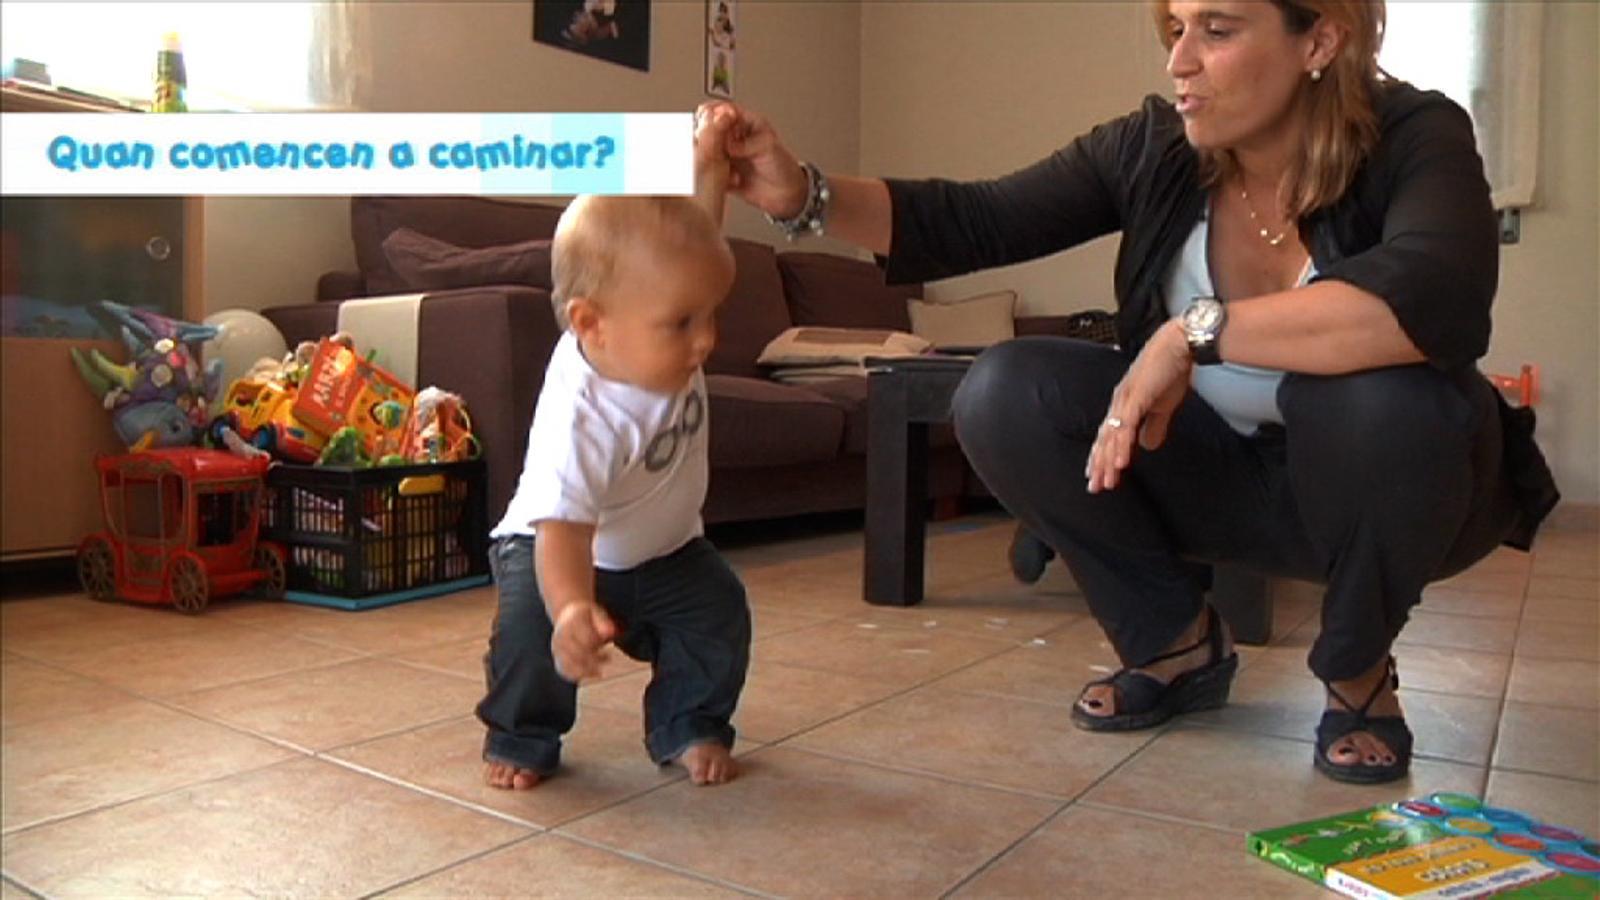 Criatures: Quan començarà a caminar?